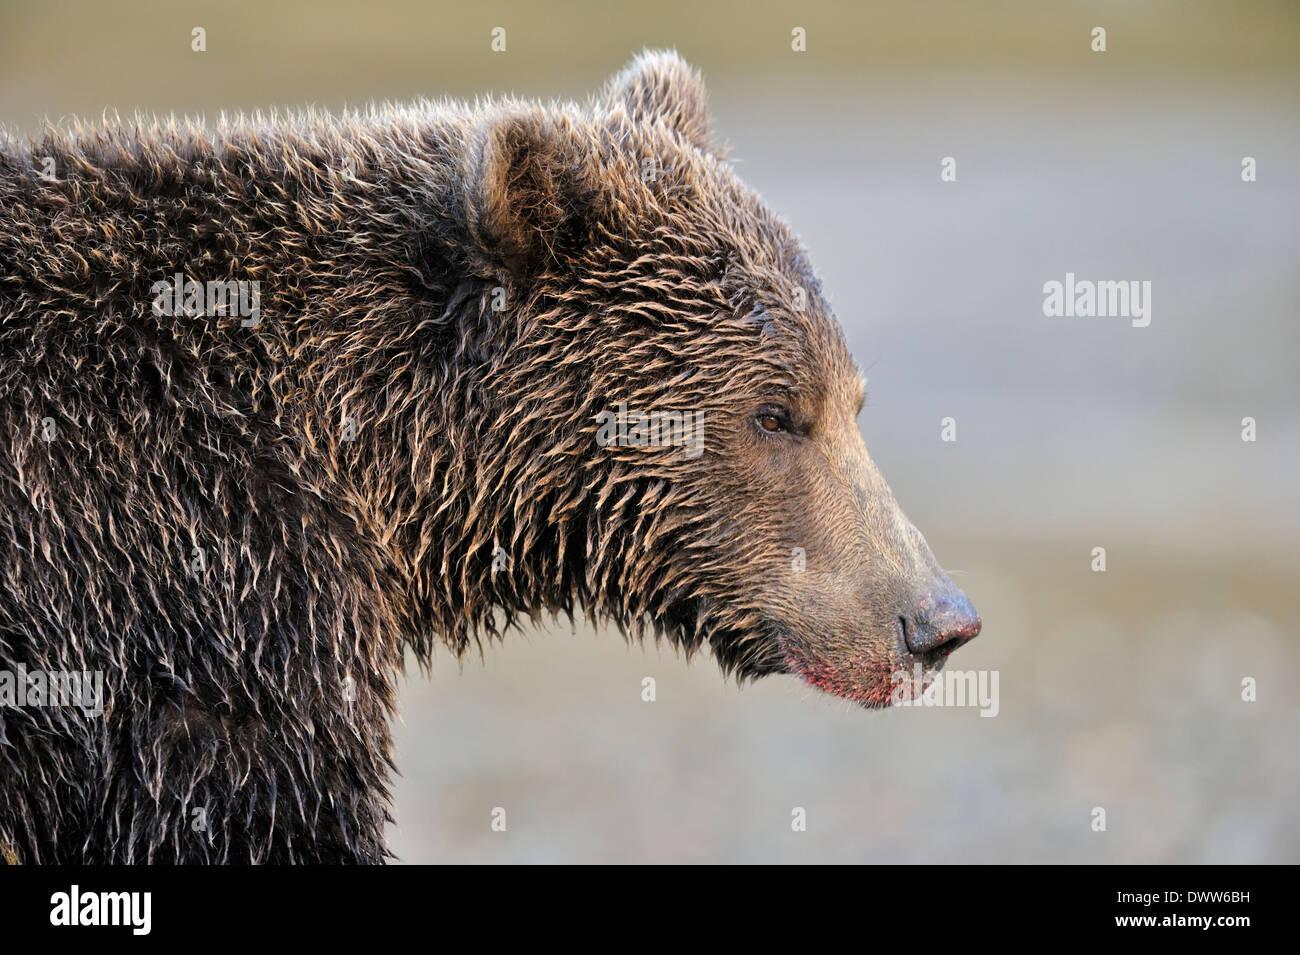 Grizzly bear (Ursus arctos horribilis) portrait. - Stock Image